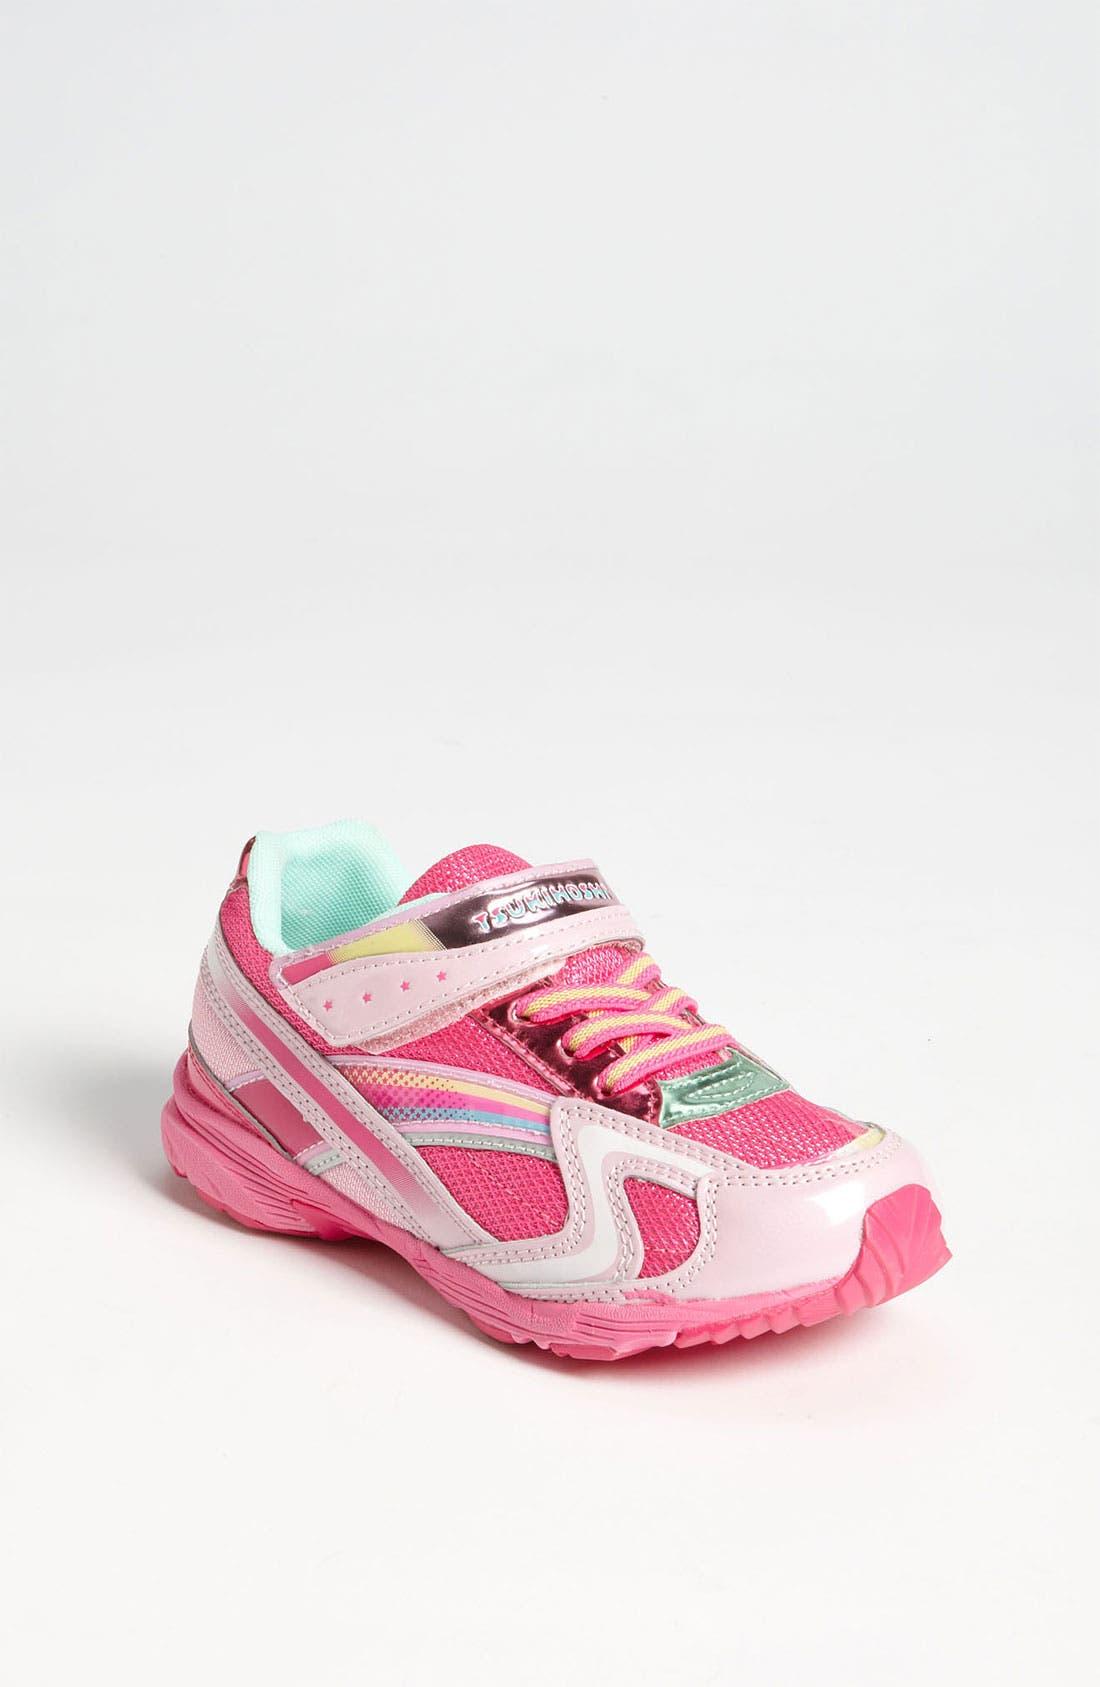 Alternate Image 1 Selected - Tsukihoshi '37' Sneaker (Toddler & Little Kid)